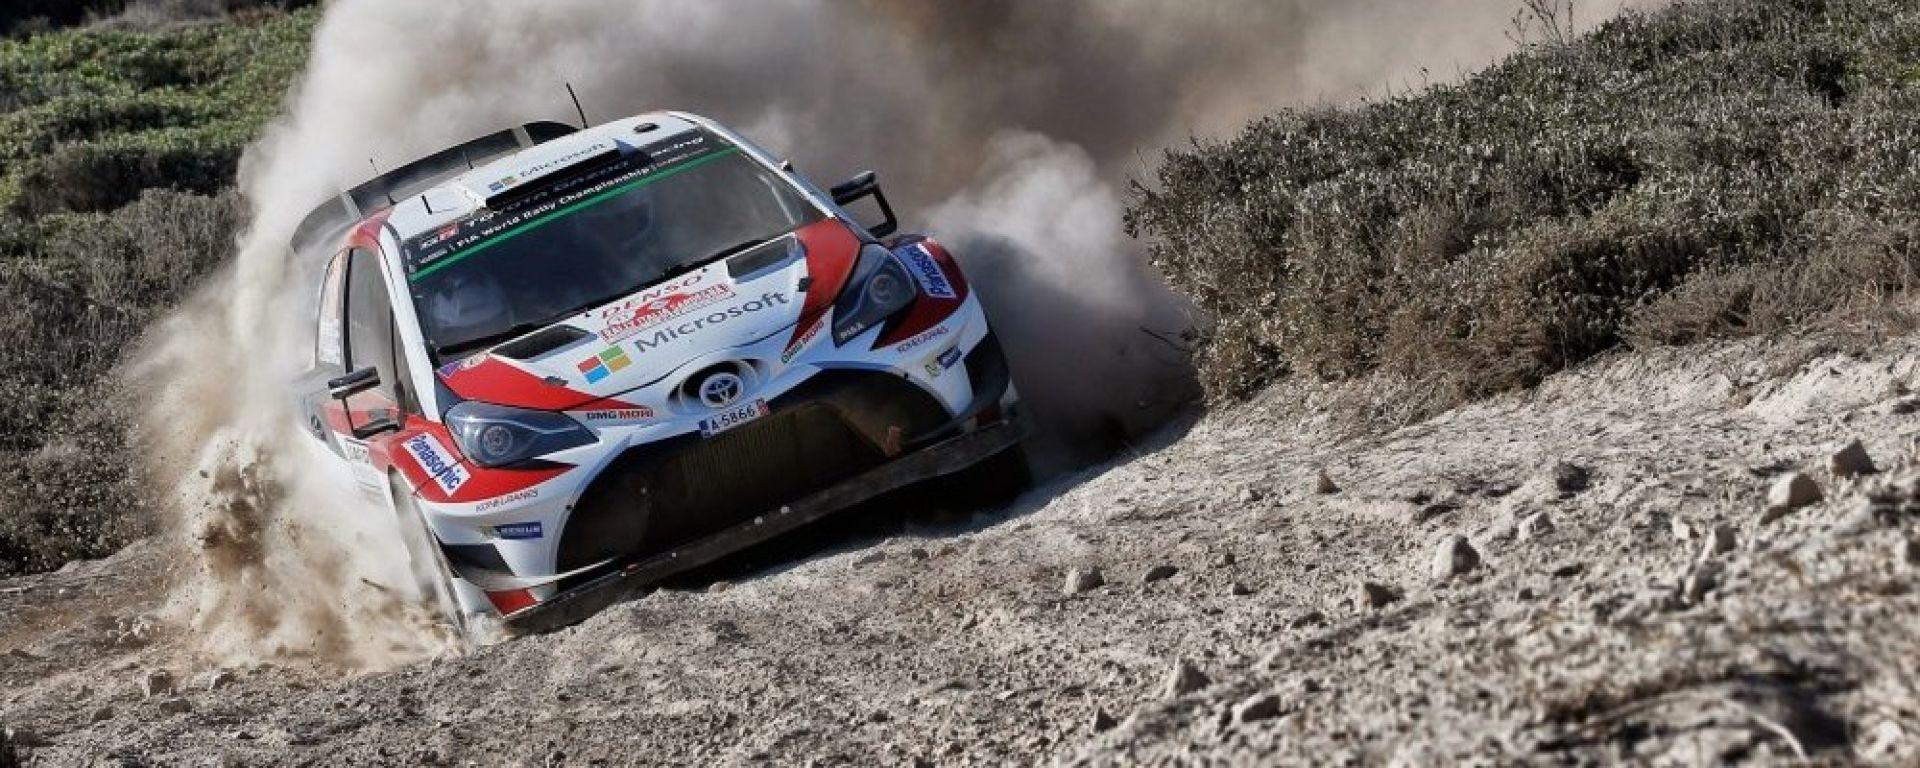 WRC 2018, Rally Sardegna: Toyota con Latvala davanti a tutti nello Shakedown